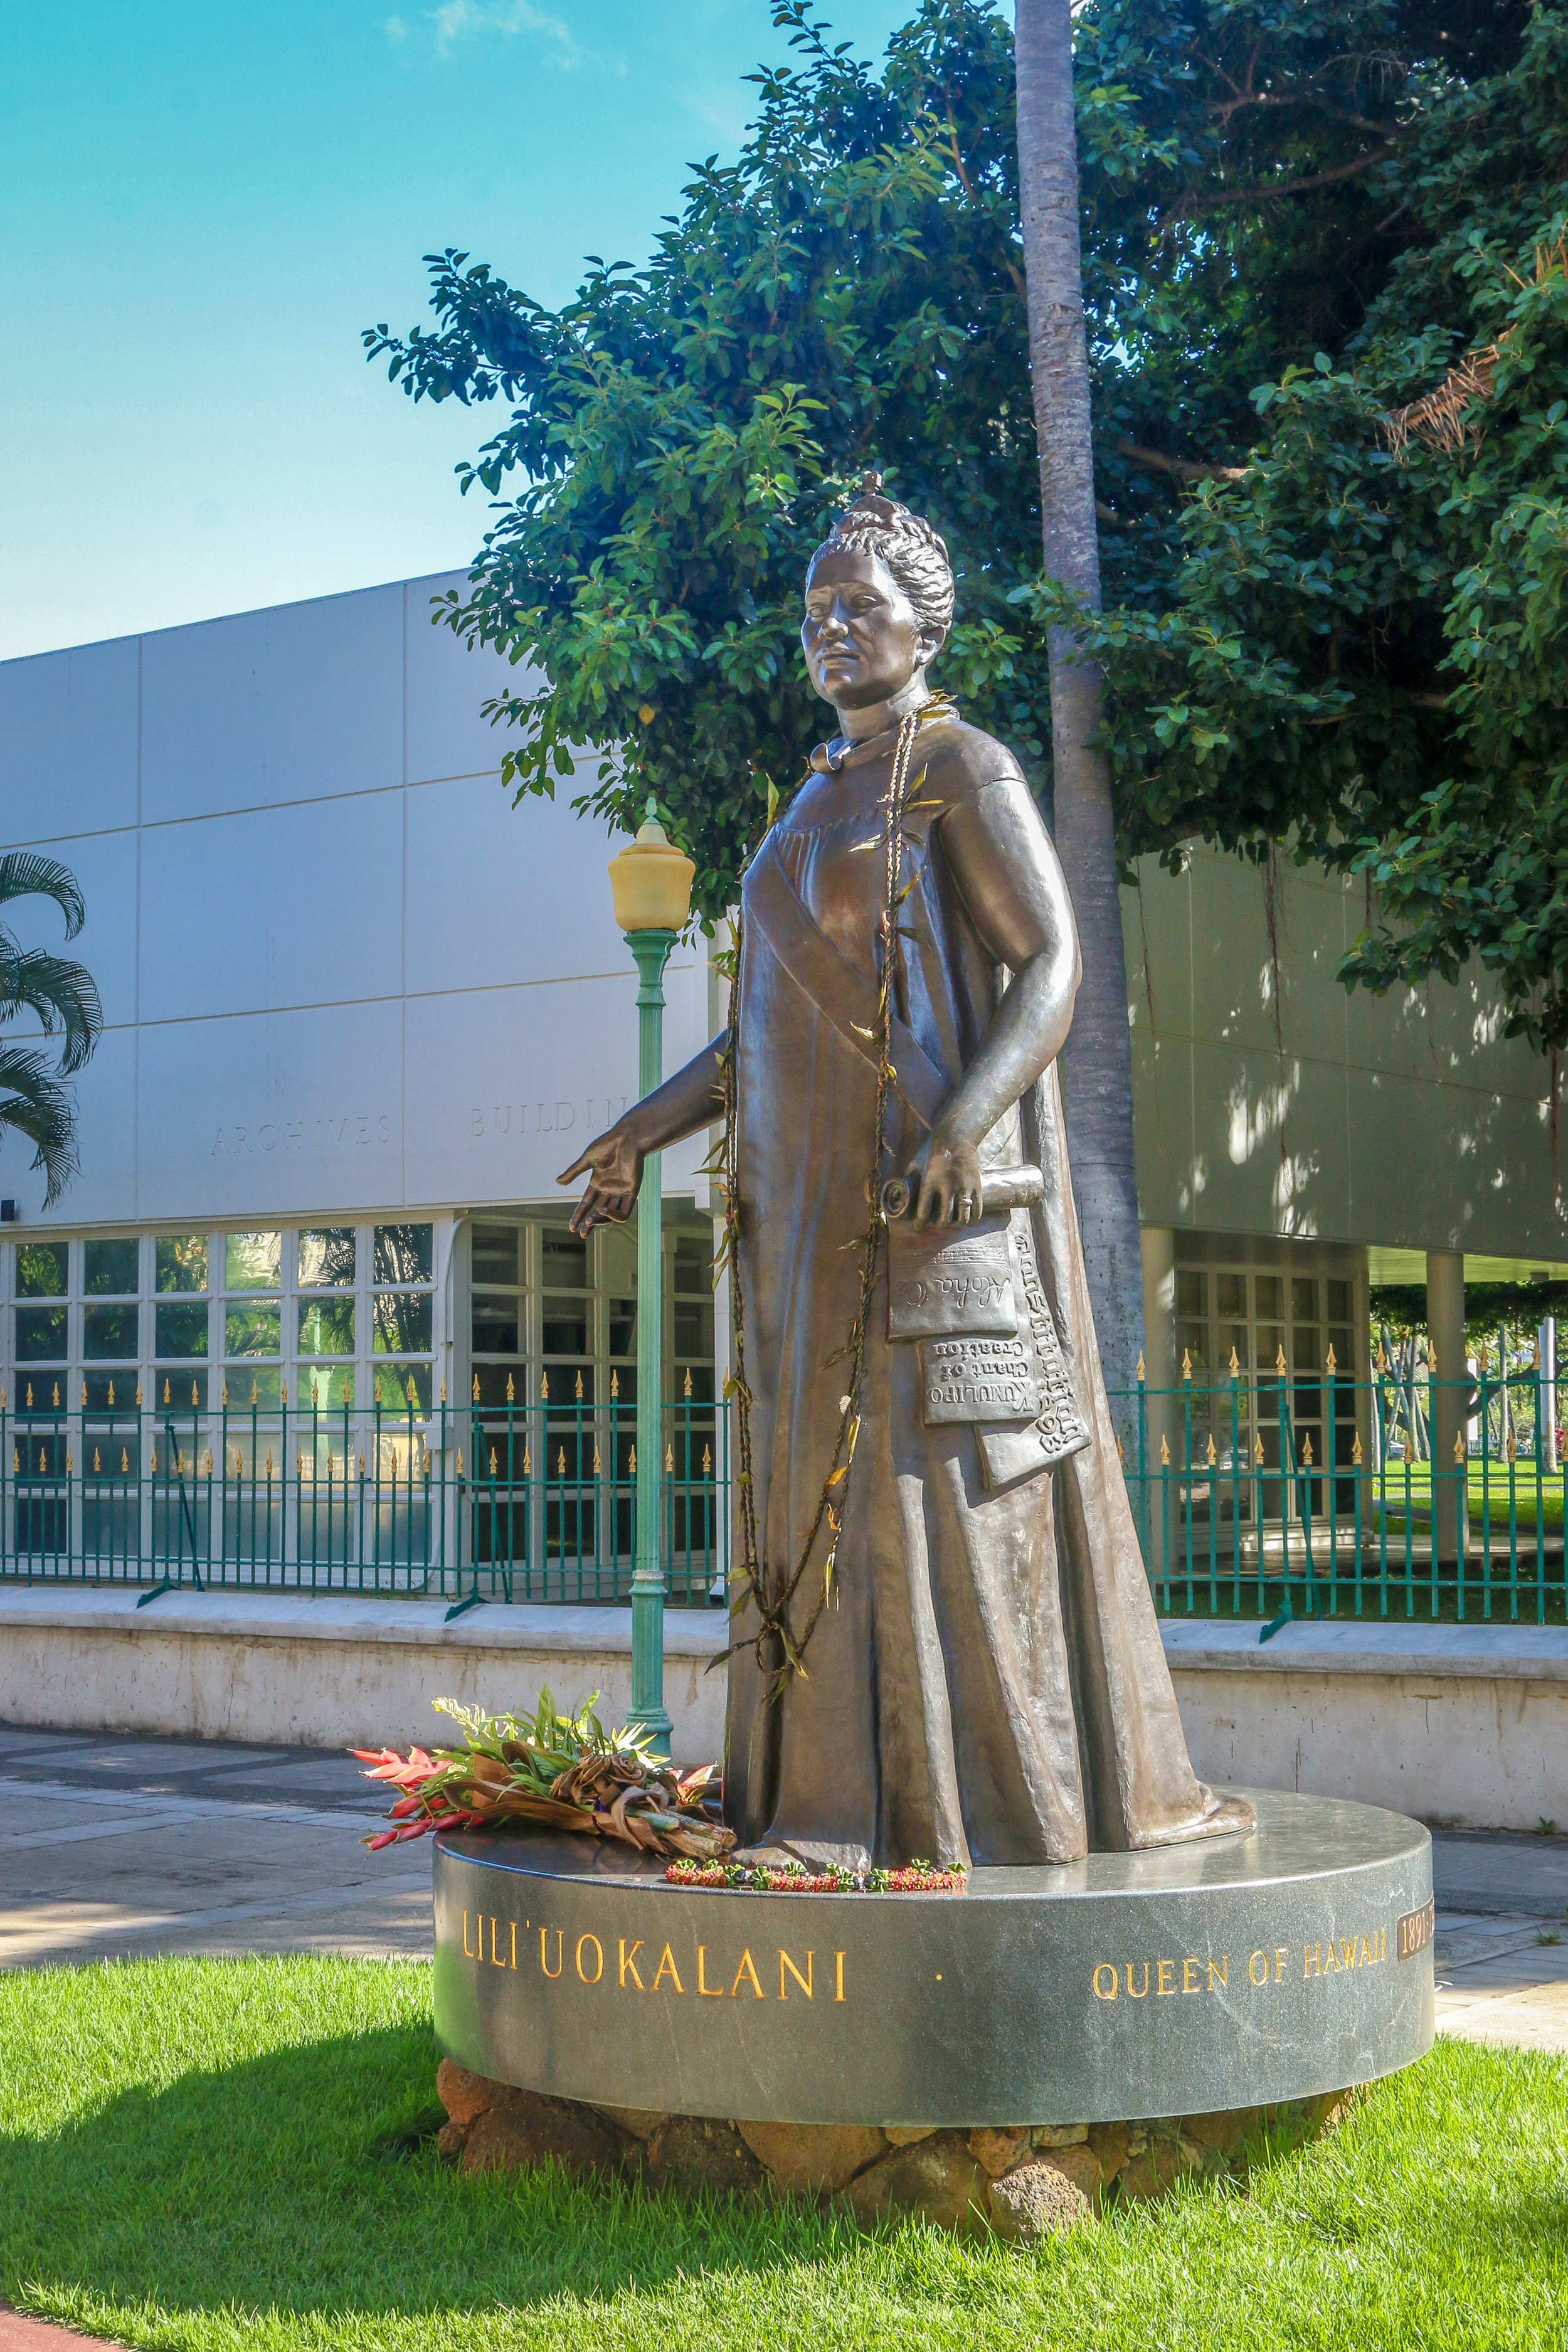 Oahu Hawaii HI photos photography Queen Liliuokalani Honolulu